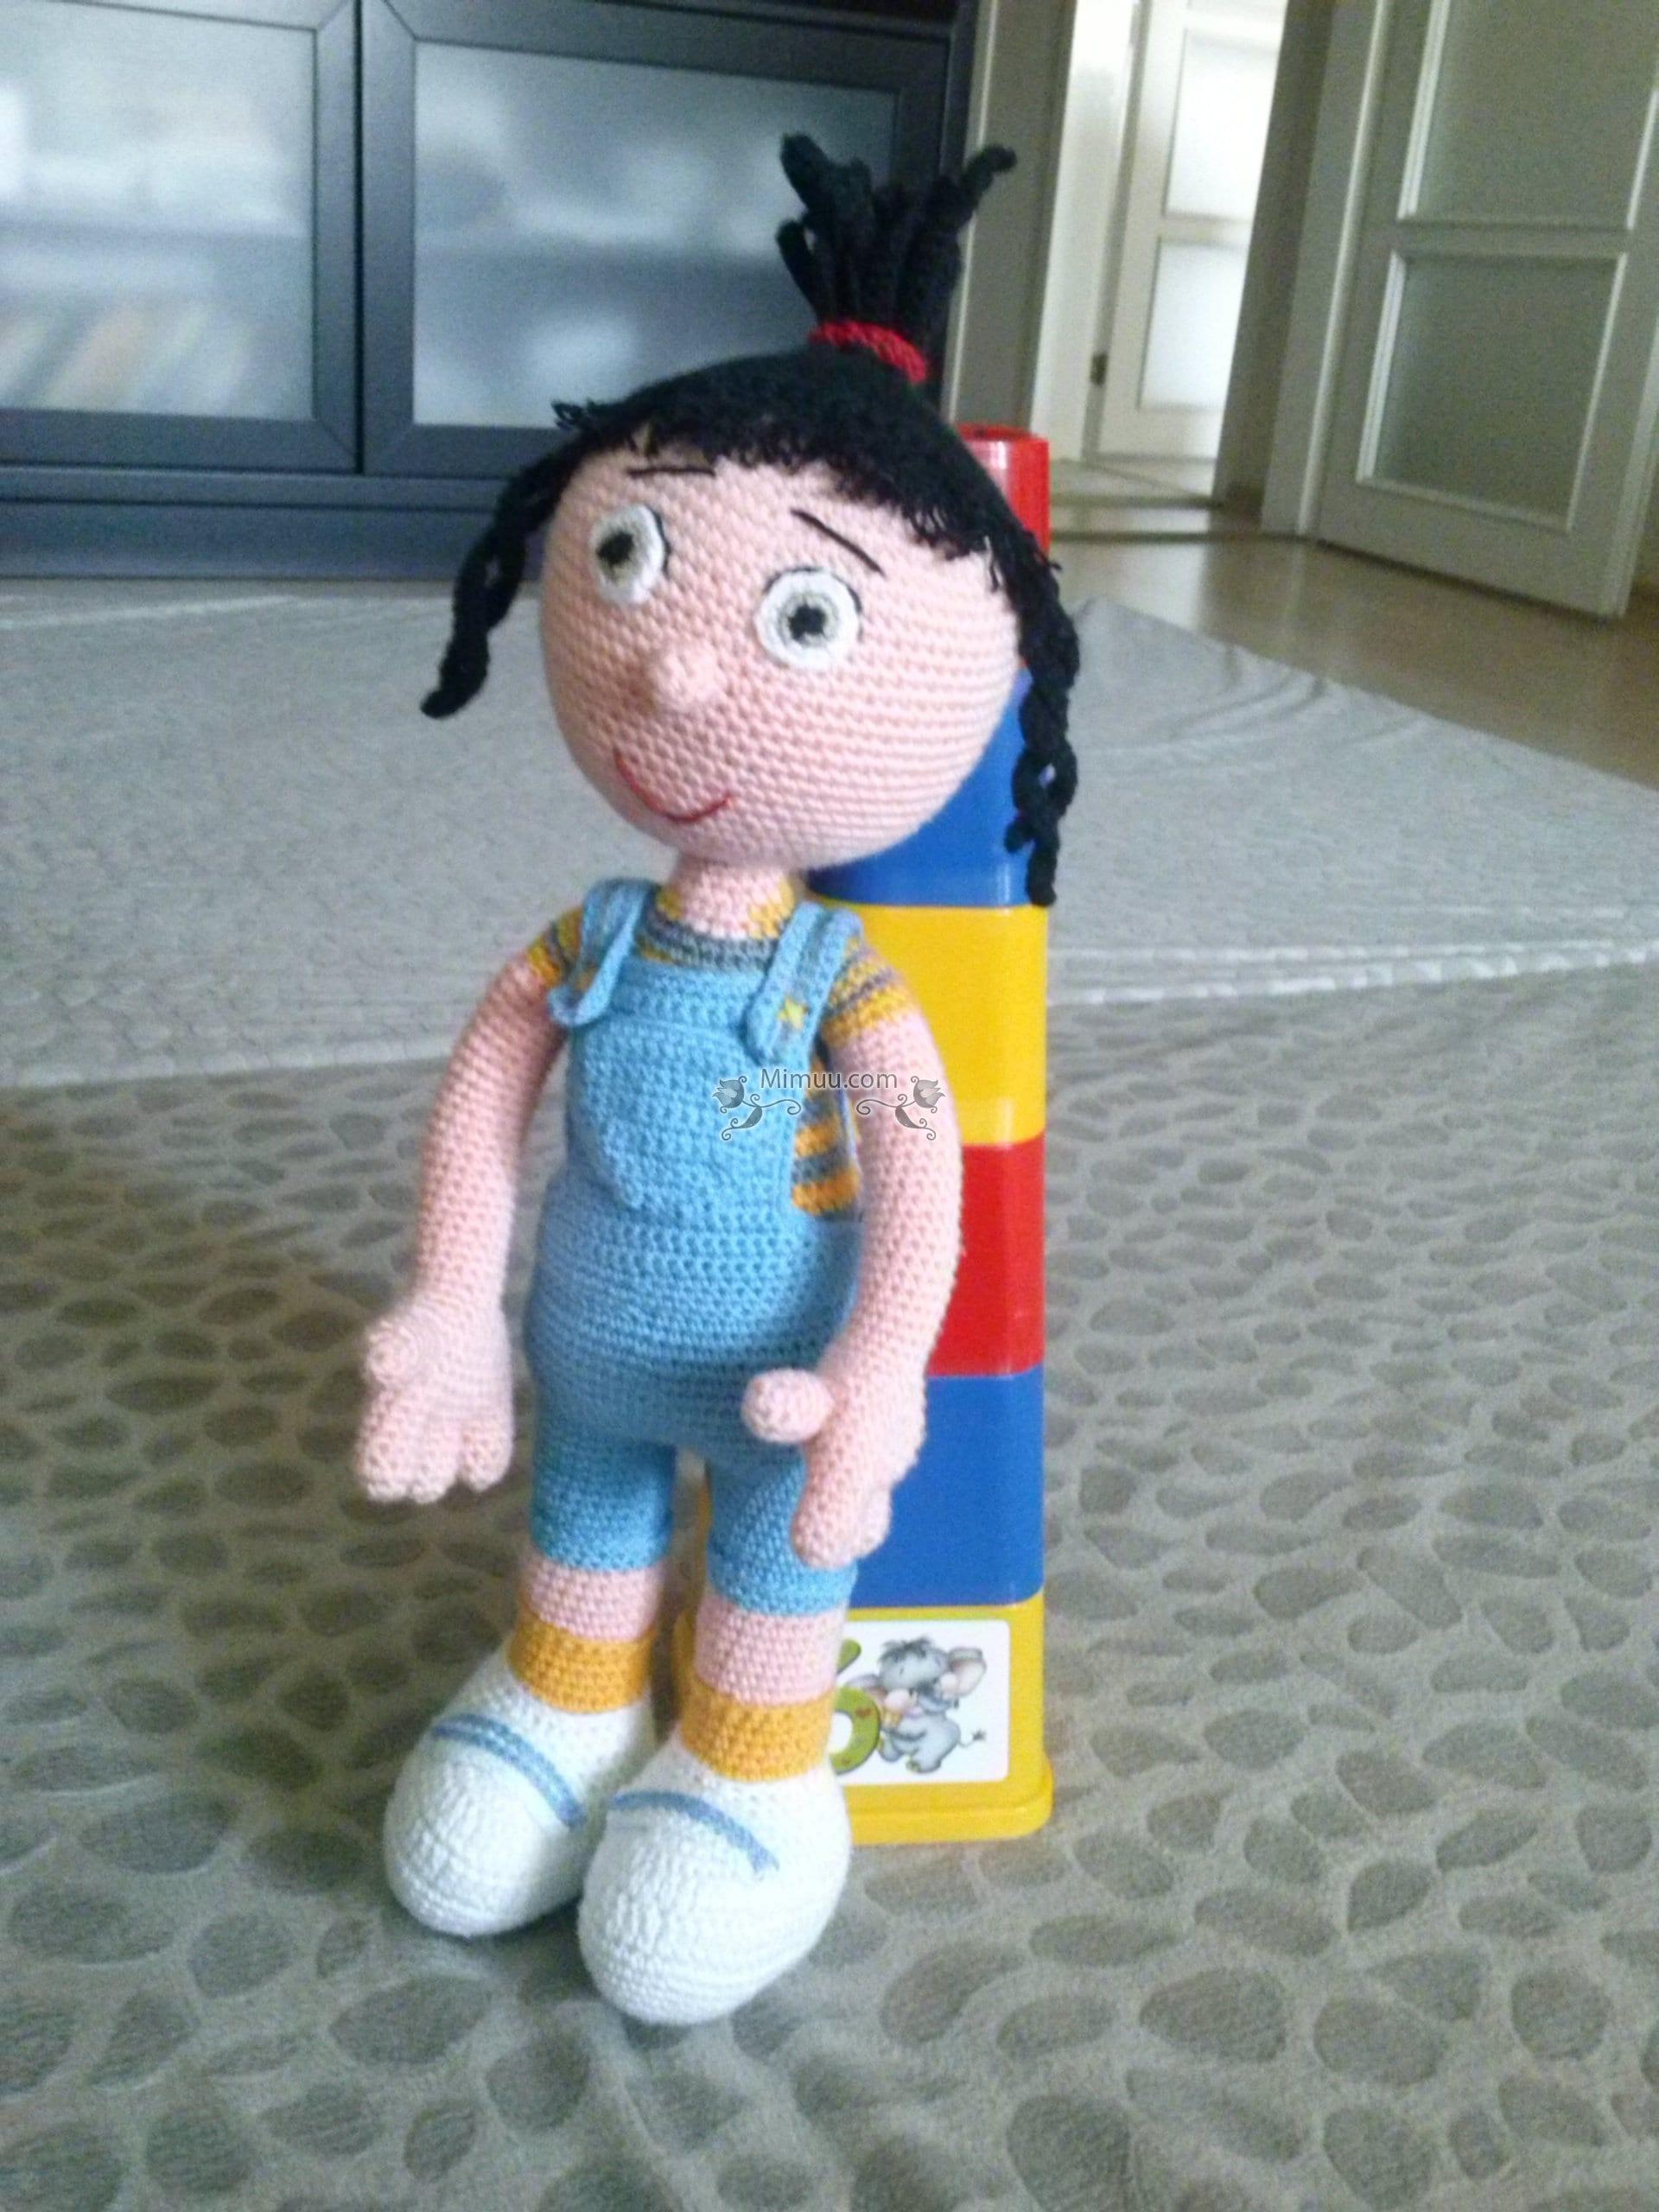 Amigurumi Pıtırcık Bebek Yapılışı-Amigurumi Pıtırcık Doll Free ...   2560x1920